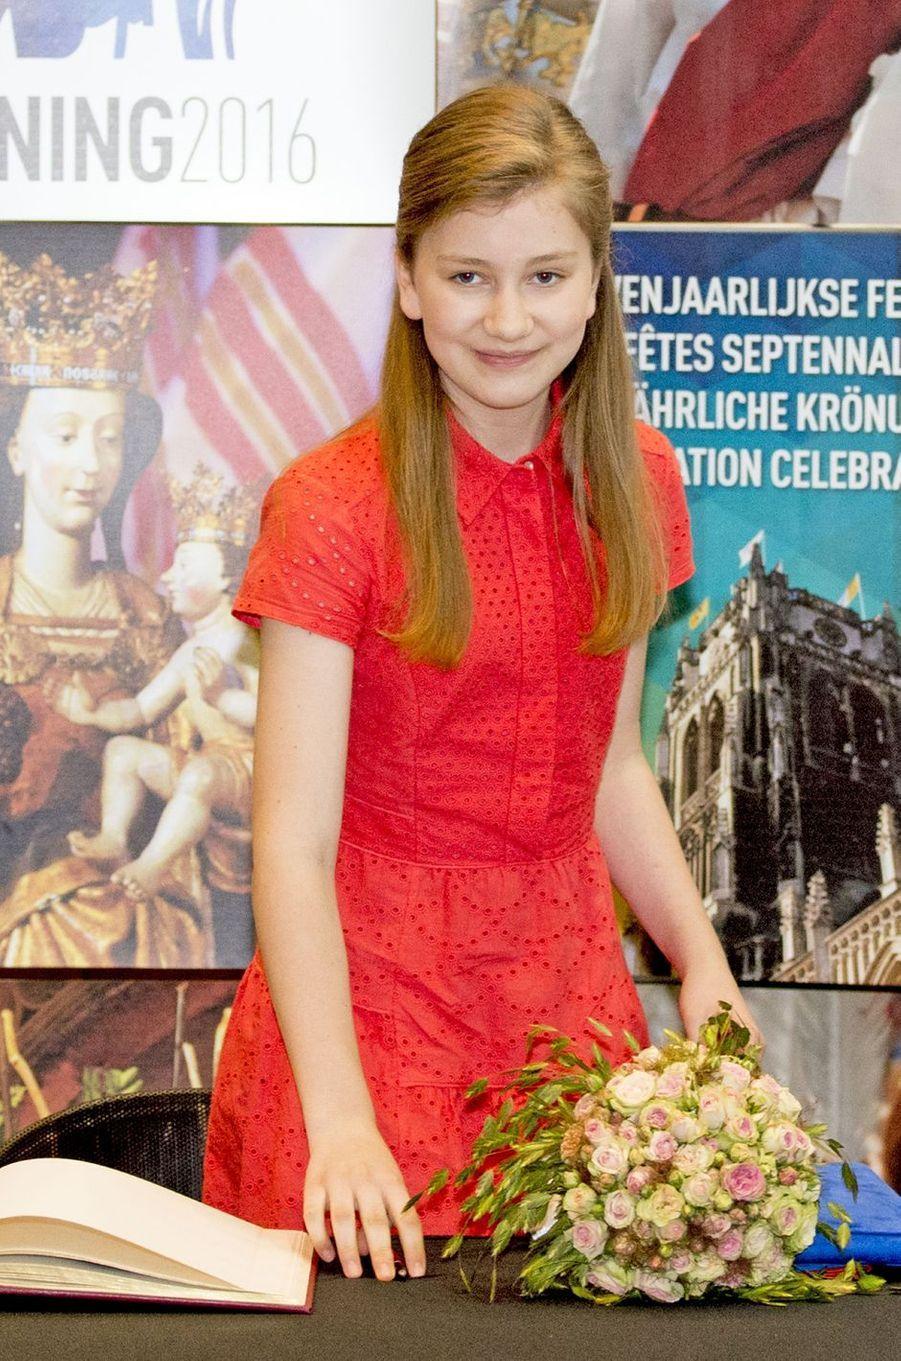 La princesse Elisabeth de Belgique à Tongres, le 1er juillet 2016